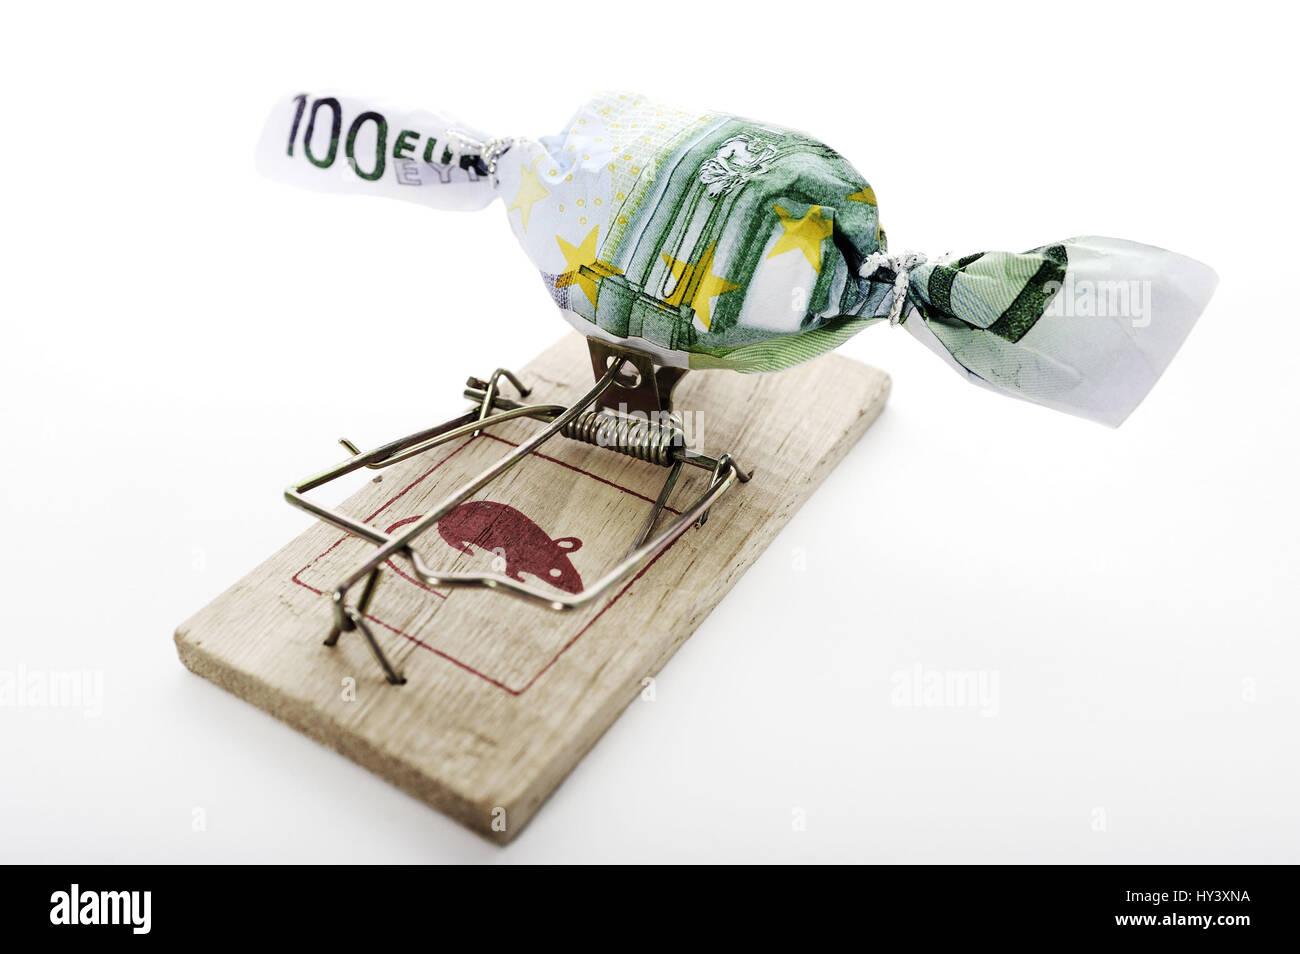 Dans muffledly doux billet de banque sur mousetrap, photo symbolique à la dette, en cas Bonbon Geldschein eingewickelt auf Mausefalle, Symbolfoto Schuldenfalle Banque D'Images